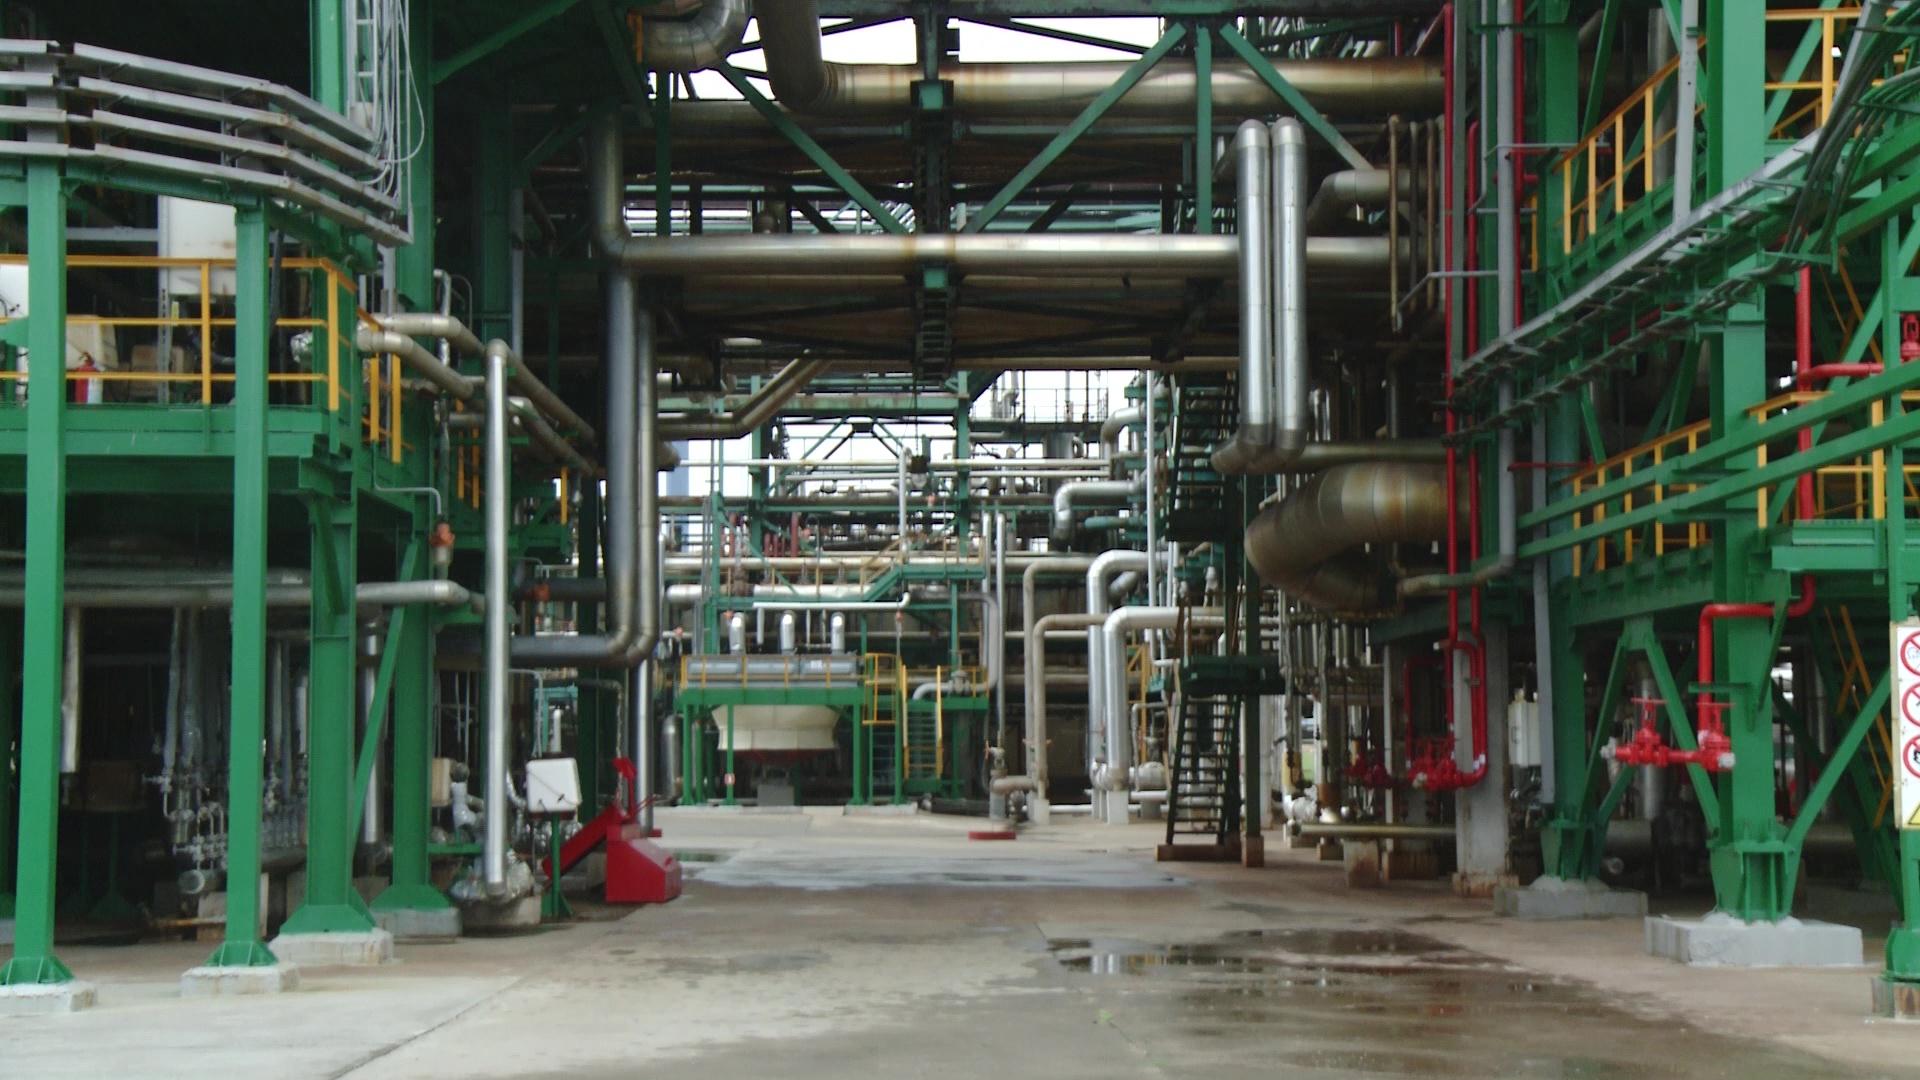 Ярославские нефтяники выиграли первую премию на конкурсе Минэнерго за изобретение нового способа получения топлива